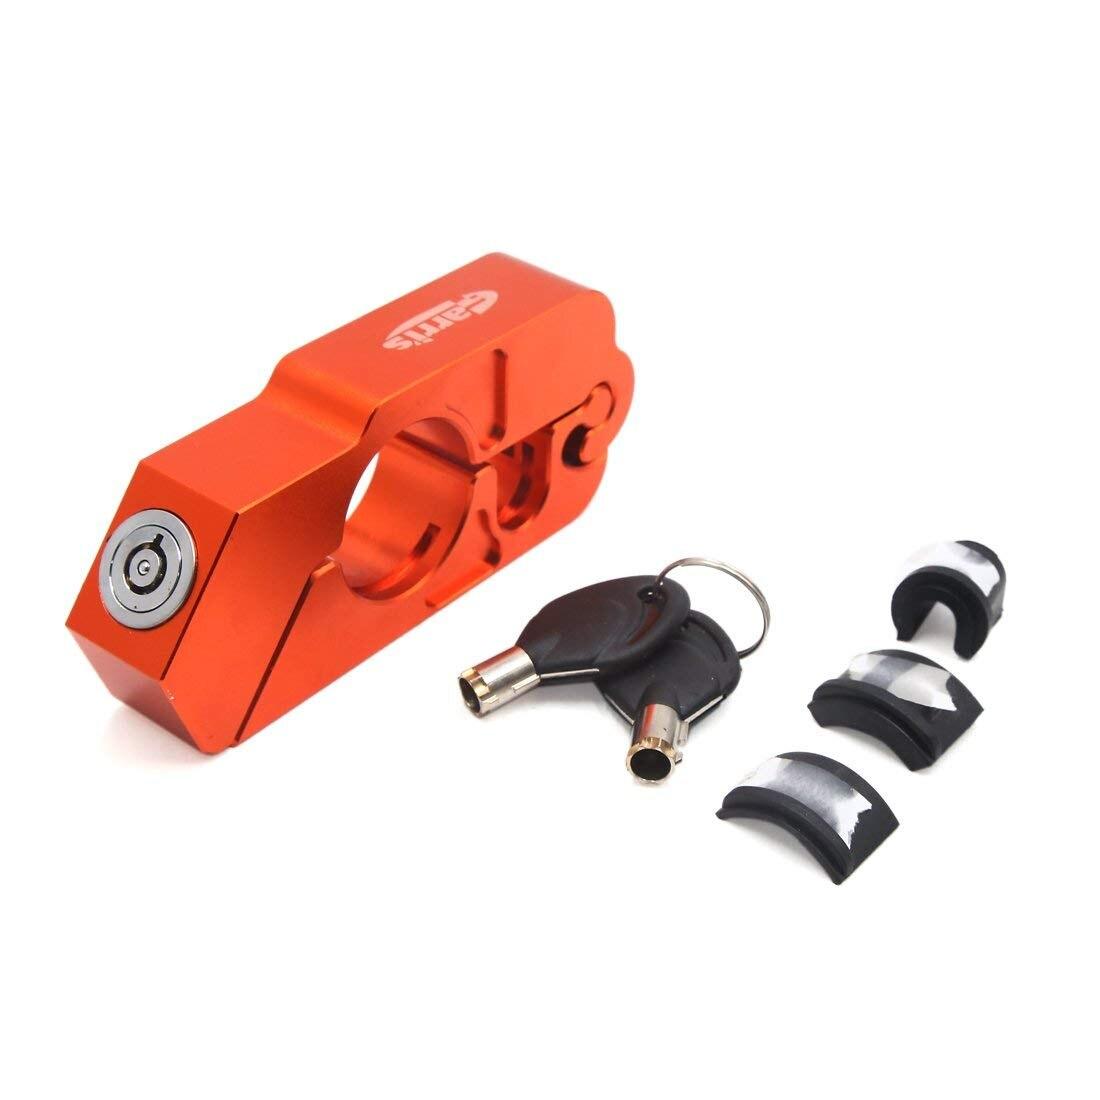 Uxcell levier de frein universel Orange pour guidon de moto Anti-vol